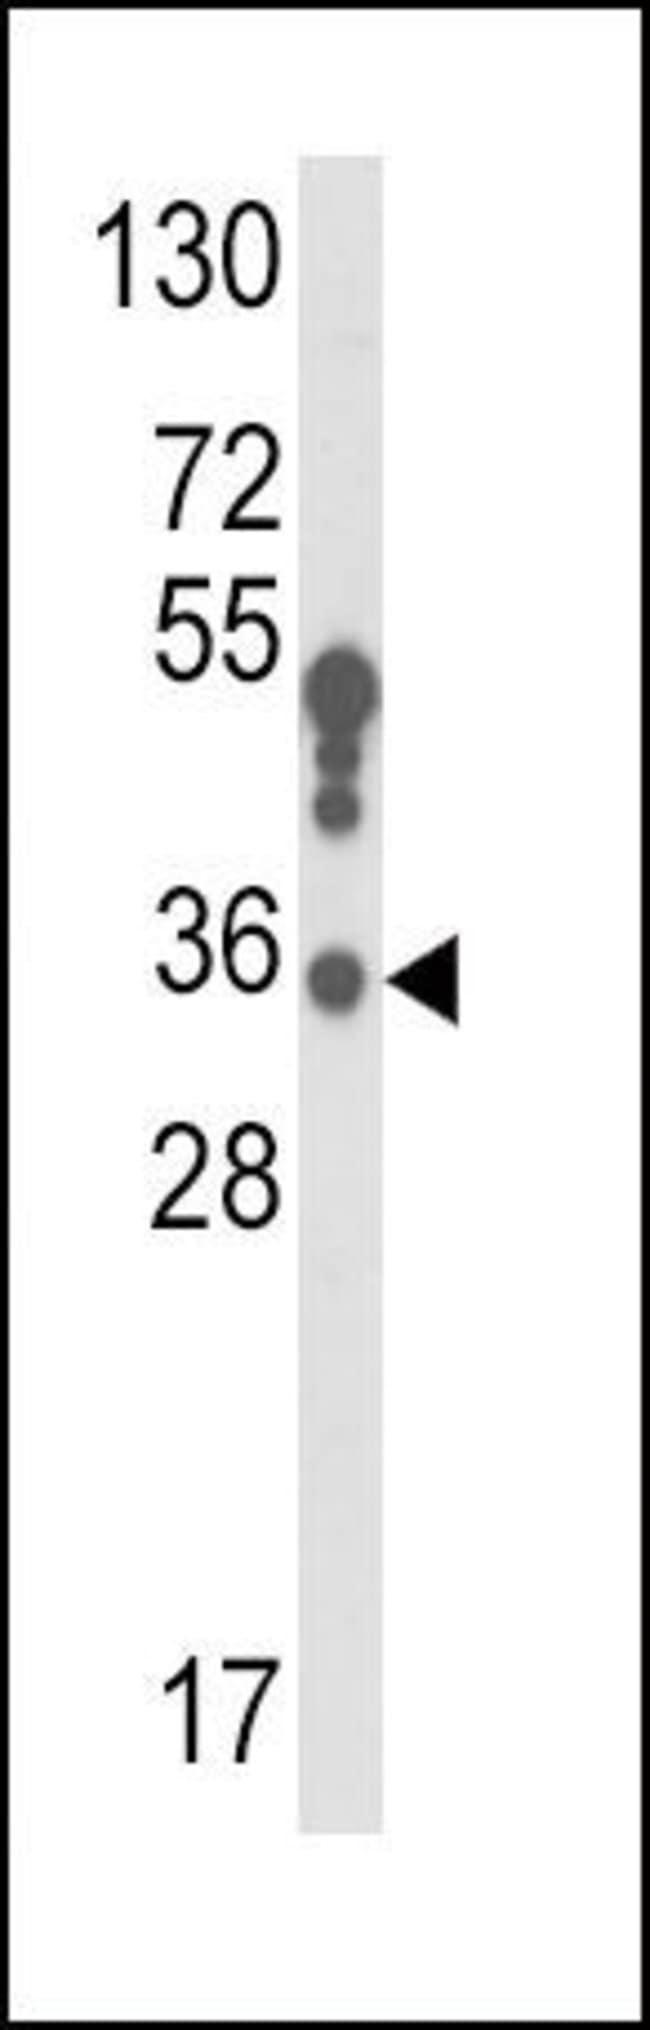 HSD17B3 Rabbit anti-Human, Polyclonal, Invitrogen 400 µL; Unconjugated